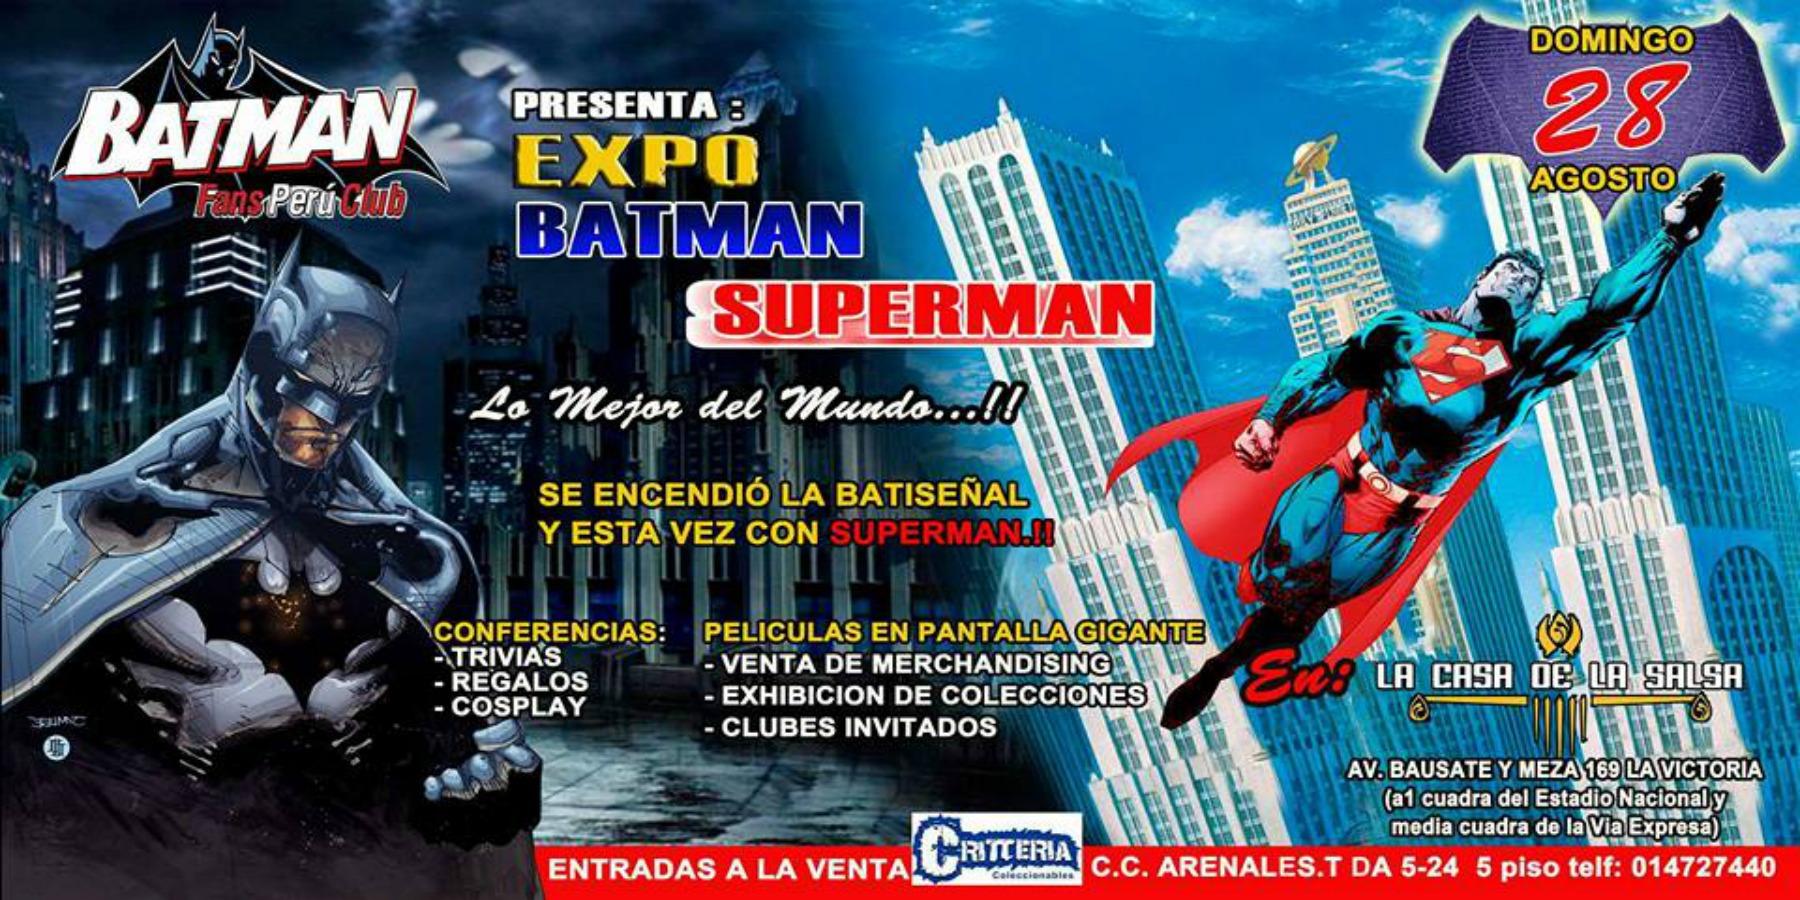 Expo Batman - Superman Lo Mejor del Mundo